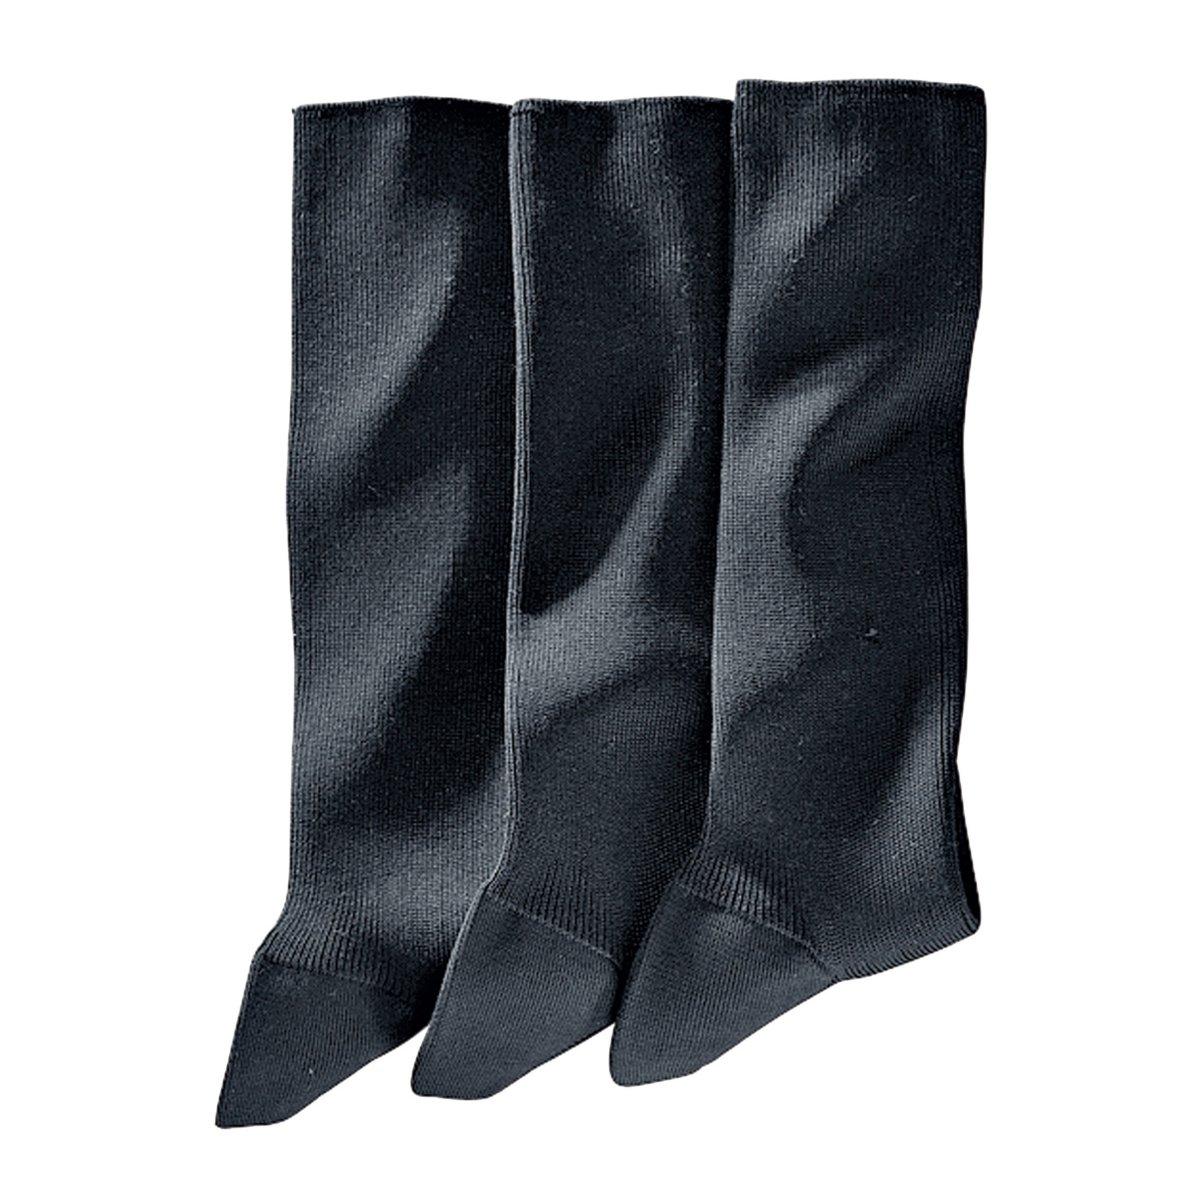 3 пары носков, 85% фильдекосаНоски свободного покроя: края носков не связаны в рубчик, поэтому они не сдавливают лодыжку и при этом отлично фиксируются на ноге. . 85% фильдекоса (крученой хлопчатобумажной пряжи), 15% полиамида.Укрепленные зоны в передней и задней части носка, петли подняты вручную.Для информации: носки темно-серого цвета имеют синеватый оттенок (что незаметно на фотографии).* фильдекос:Натуральная тонкая пряжа,  скручиваемая из нескольких ниток, которую используют только для производства носков самого высокого качества: Чтобы пряжа получила право носить имя фильдекос, она должна пройти 5 ступеней обработки:- Она производится только из длинных волокон хлопка.- Затем хлопок прочесывают, чтобы удалить все посторонние включения.- Операция опаливания позволяет устранить с поверхности все выступающие кончики, а значит, предотвратить скатывание ткани в дальнейшем.- Кручение пряжи, когда из двух нитей получают одну, значительно повышает ее прочность.- Наконец, мерсеризация придает ткани превосходную способность впитывать влагу тела (лучше, чем у классического хлопкового волокна), а также дарит ткани мягкость и атласный внешний вид.Чтобы дольше сохранить превосходное качество изделия, рекомендуем стирать его, вывернув наизнанку.<br><br>Цвет: антрацит,черный<br>Размер: 41/42.43/45.46/48.41/42